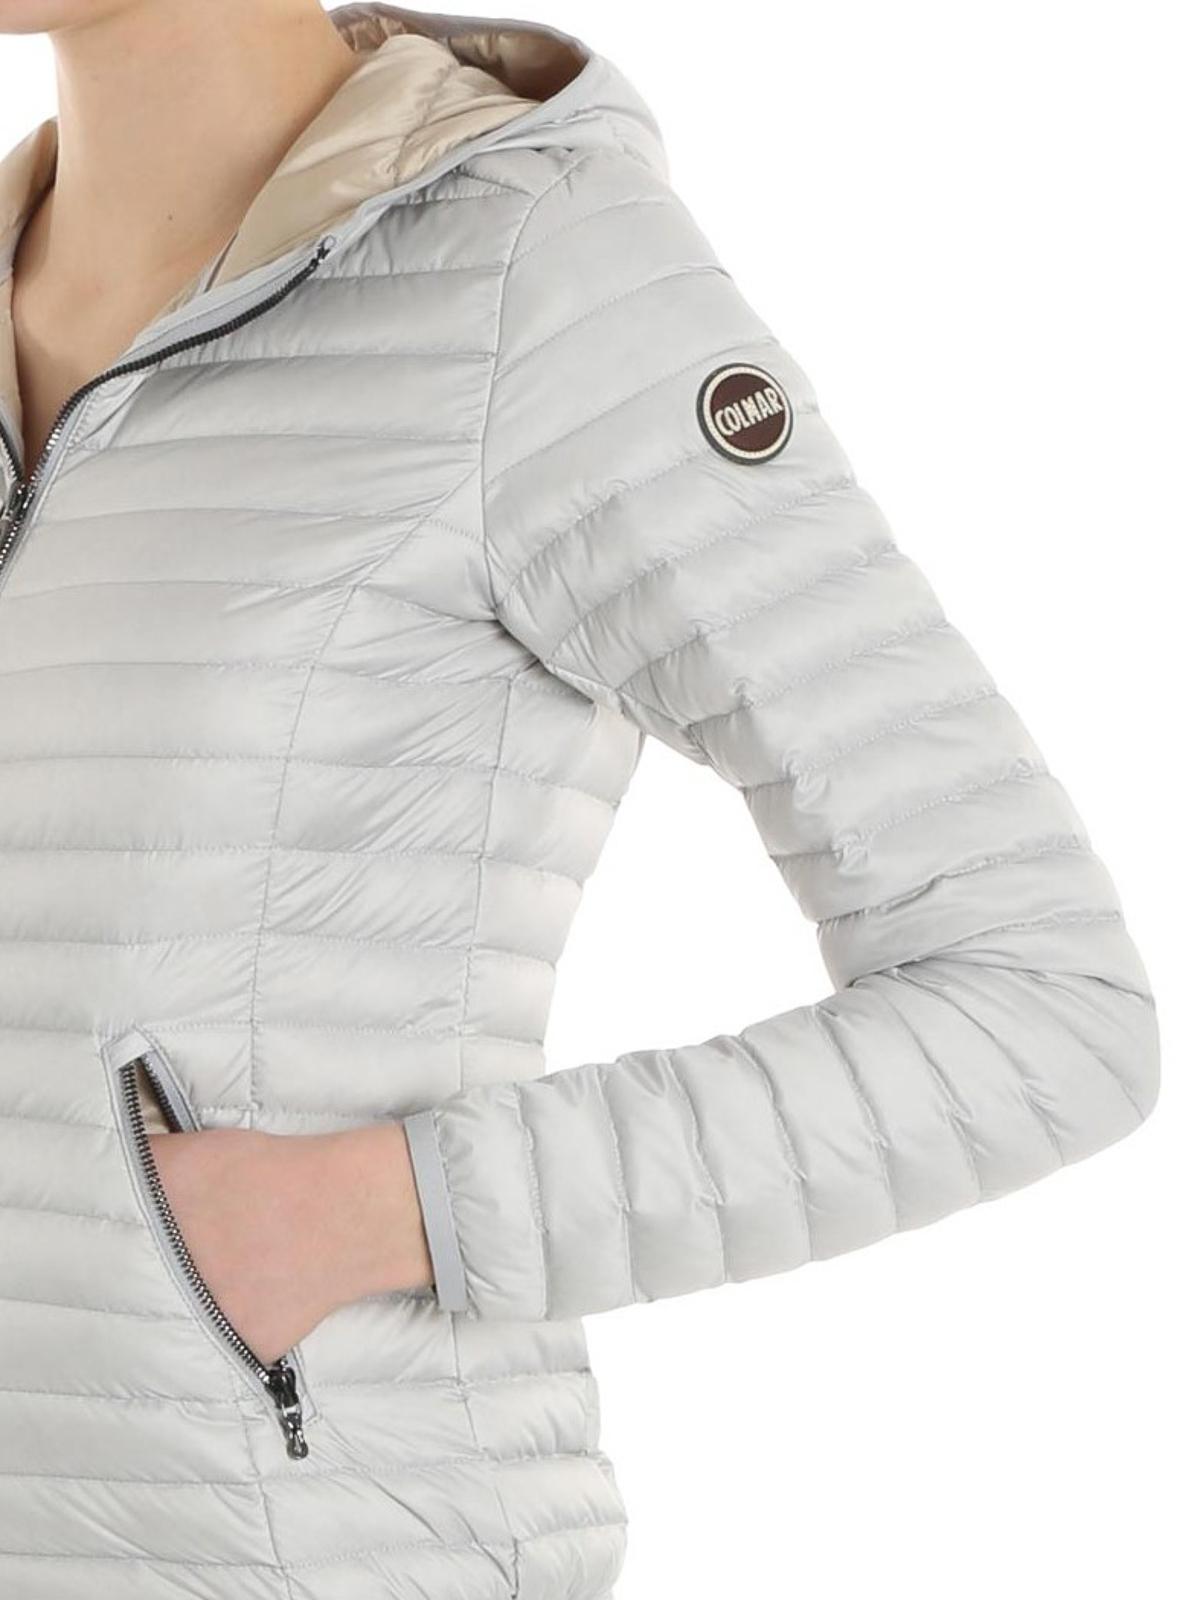 buy popular 71ed1 4b7a8 Colmar Originals - Piumino grigio perla con cappuccio ...